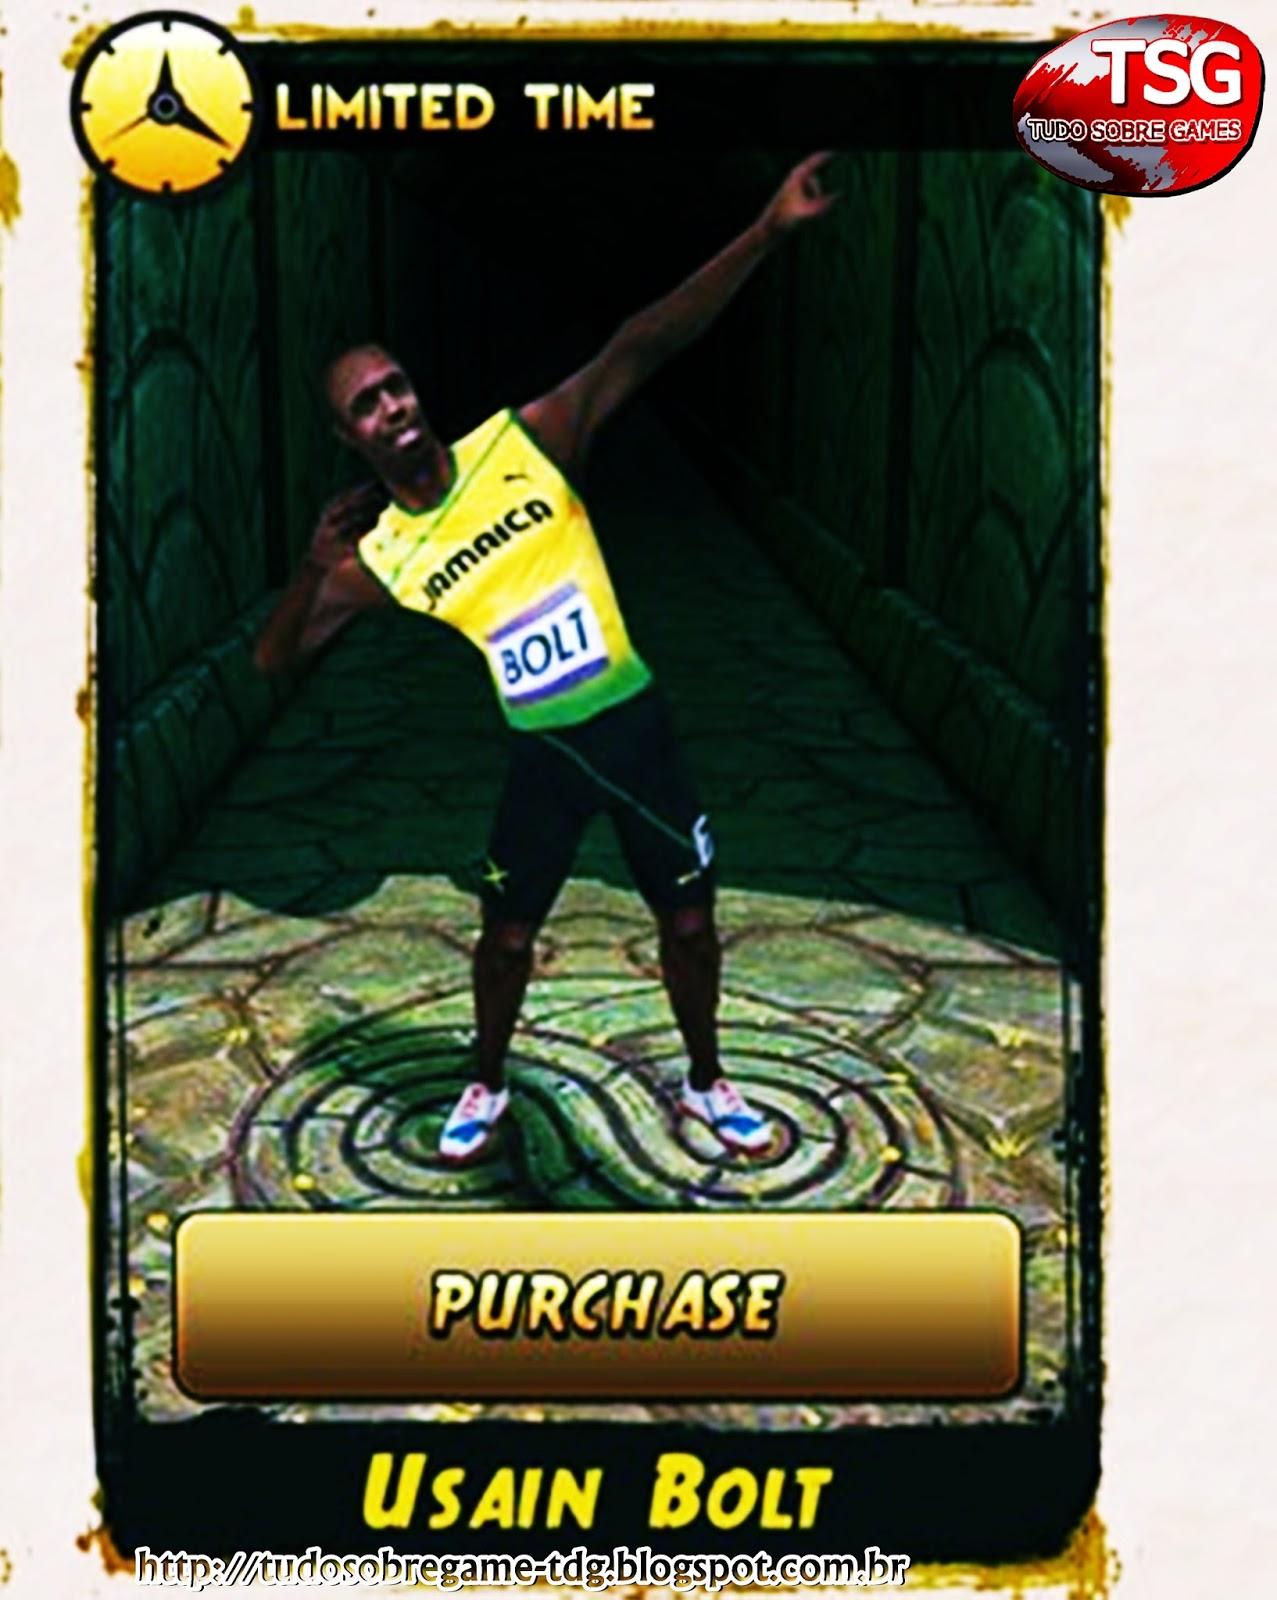 Recordista dos 100 m rasos. Usain Bolt vira personagem em game